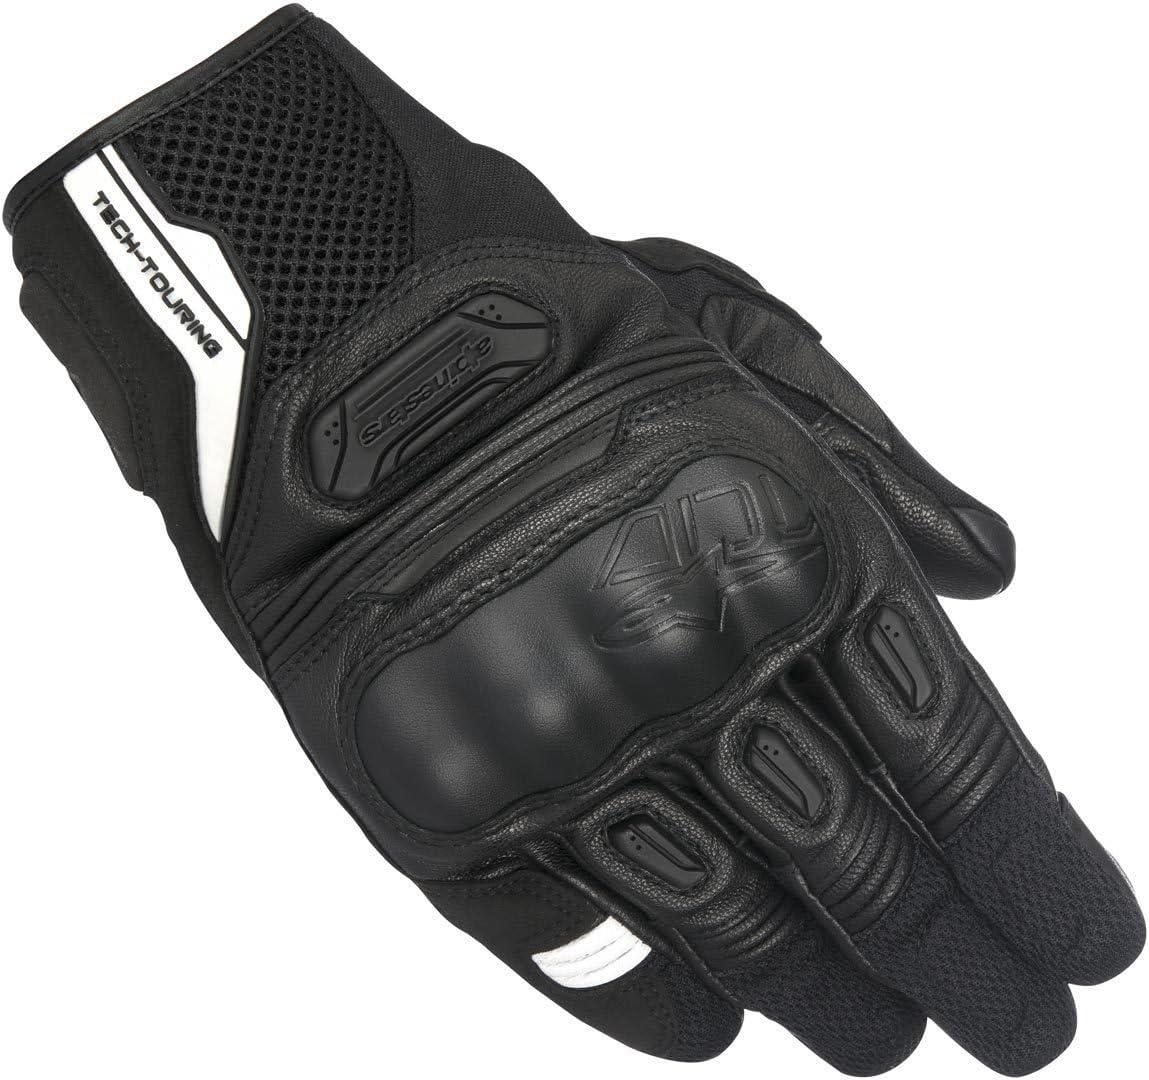 Black Medium Alpinestars Mens Highlands Motorcycle Riding Glove